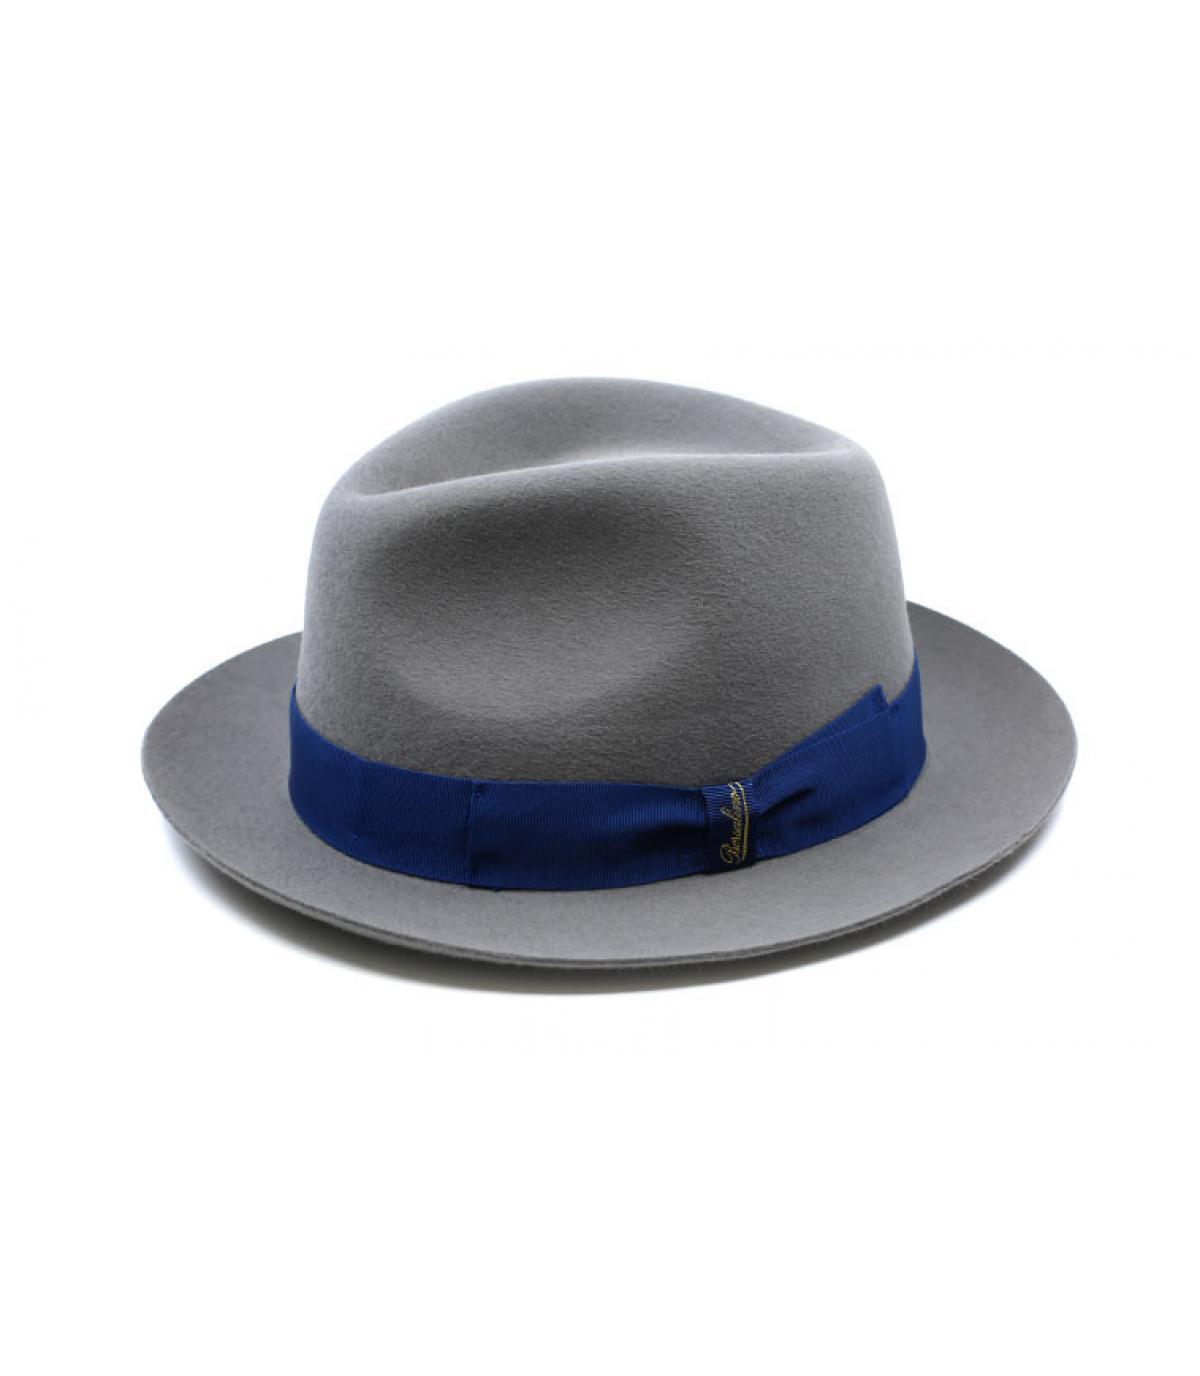 Details Grey Fur Felt Hat - afbeeling 4